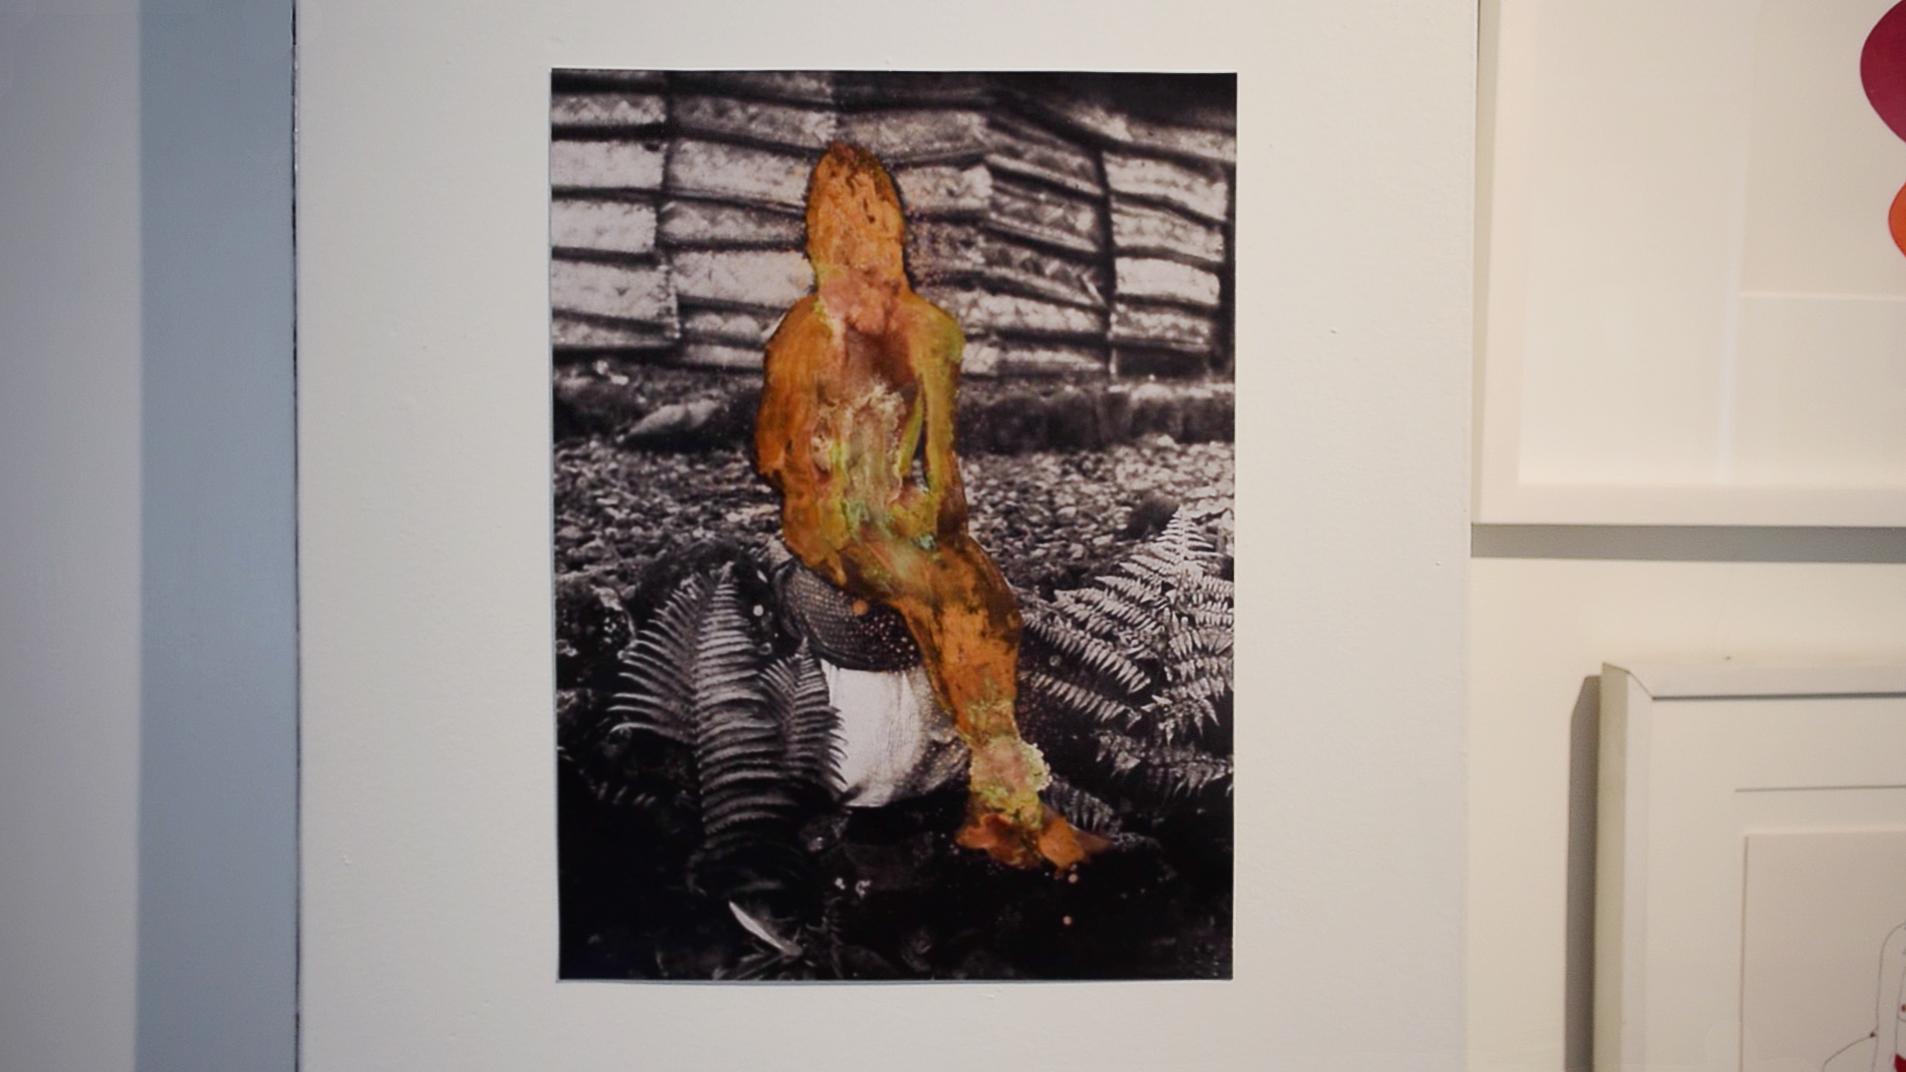 mixed-media photograph by Sara Jimenez